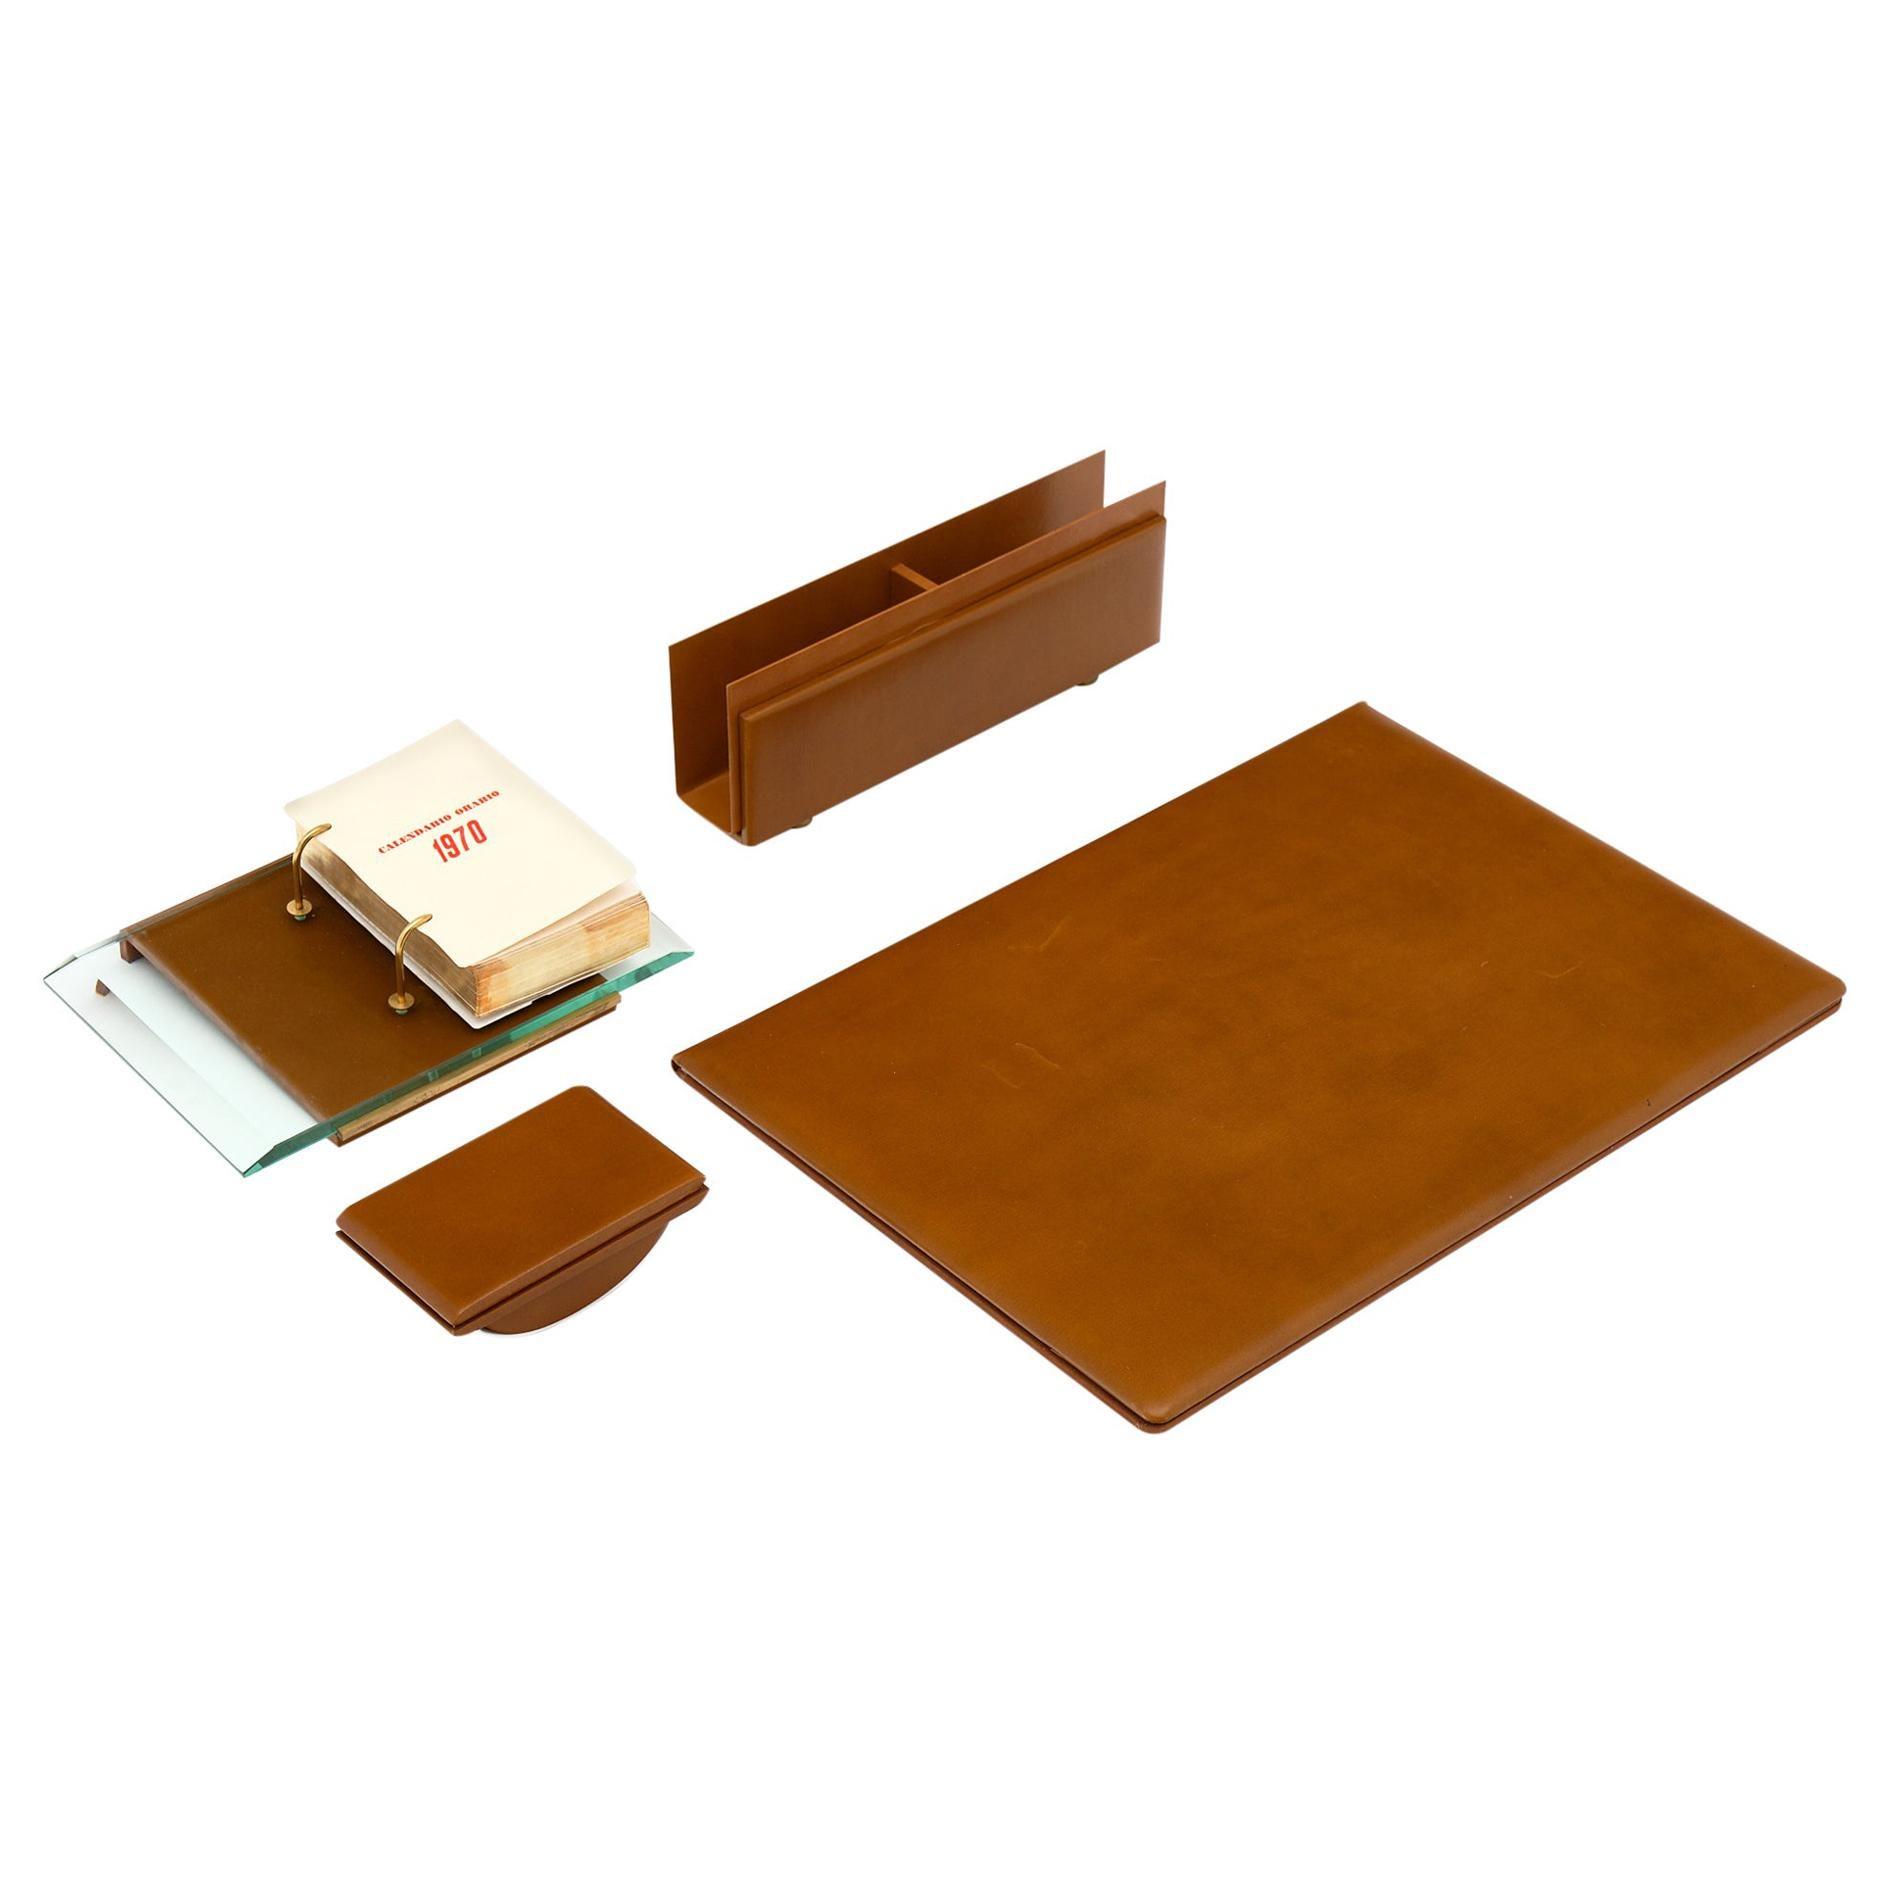 Four-Piece 1970s Italian Leather Desk Set